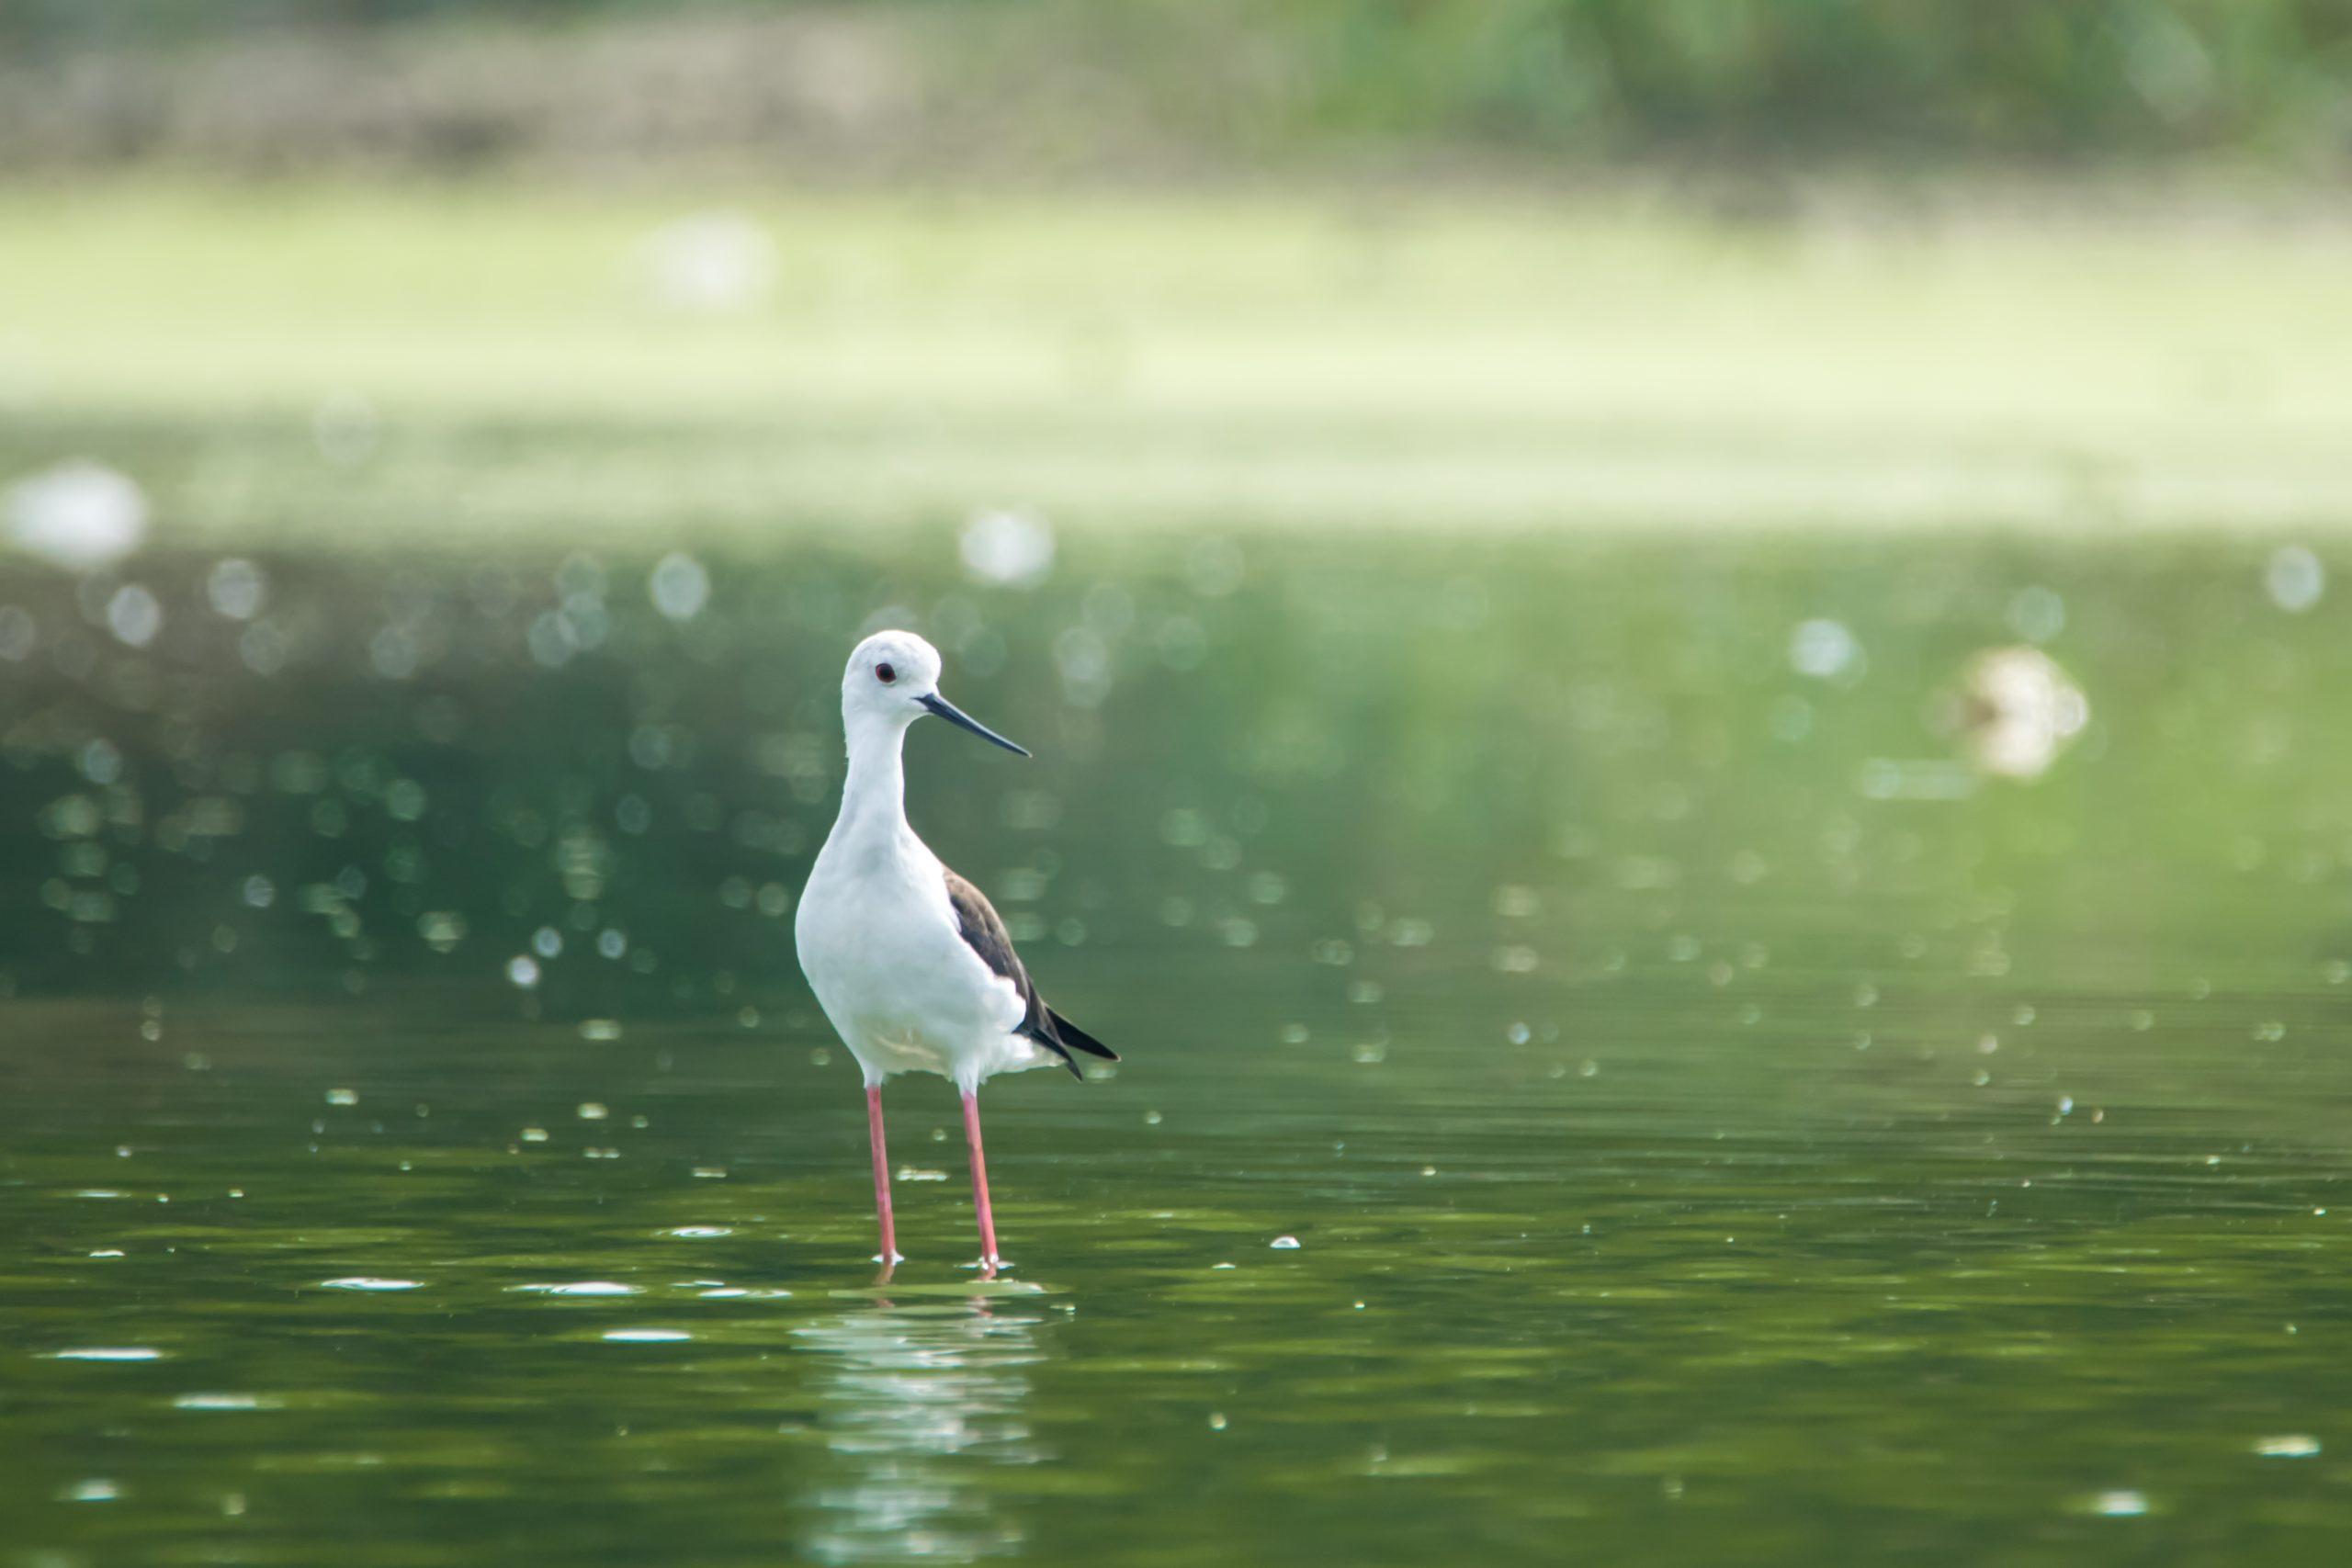 A coastal bird